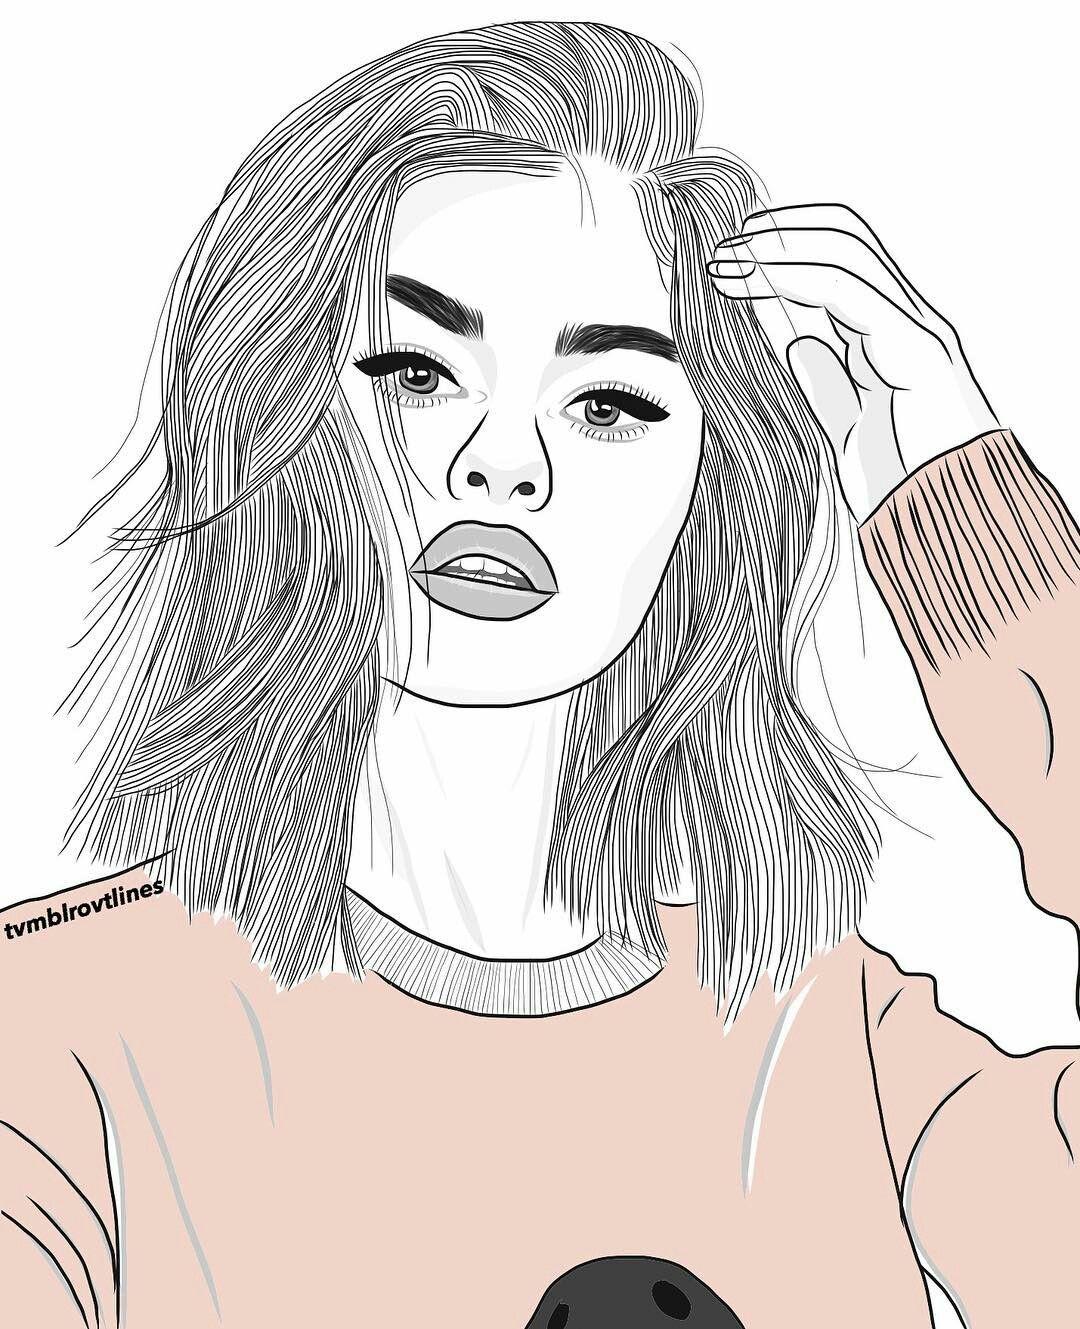 Trumbl Menina Tumblr Desenho Desenhos Hipster Desenhos Tumblr